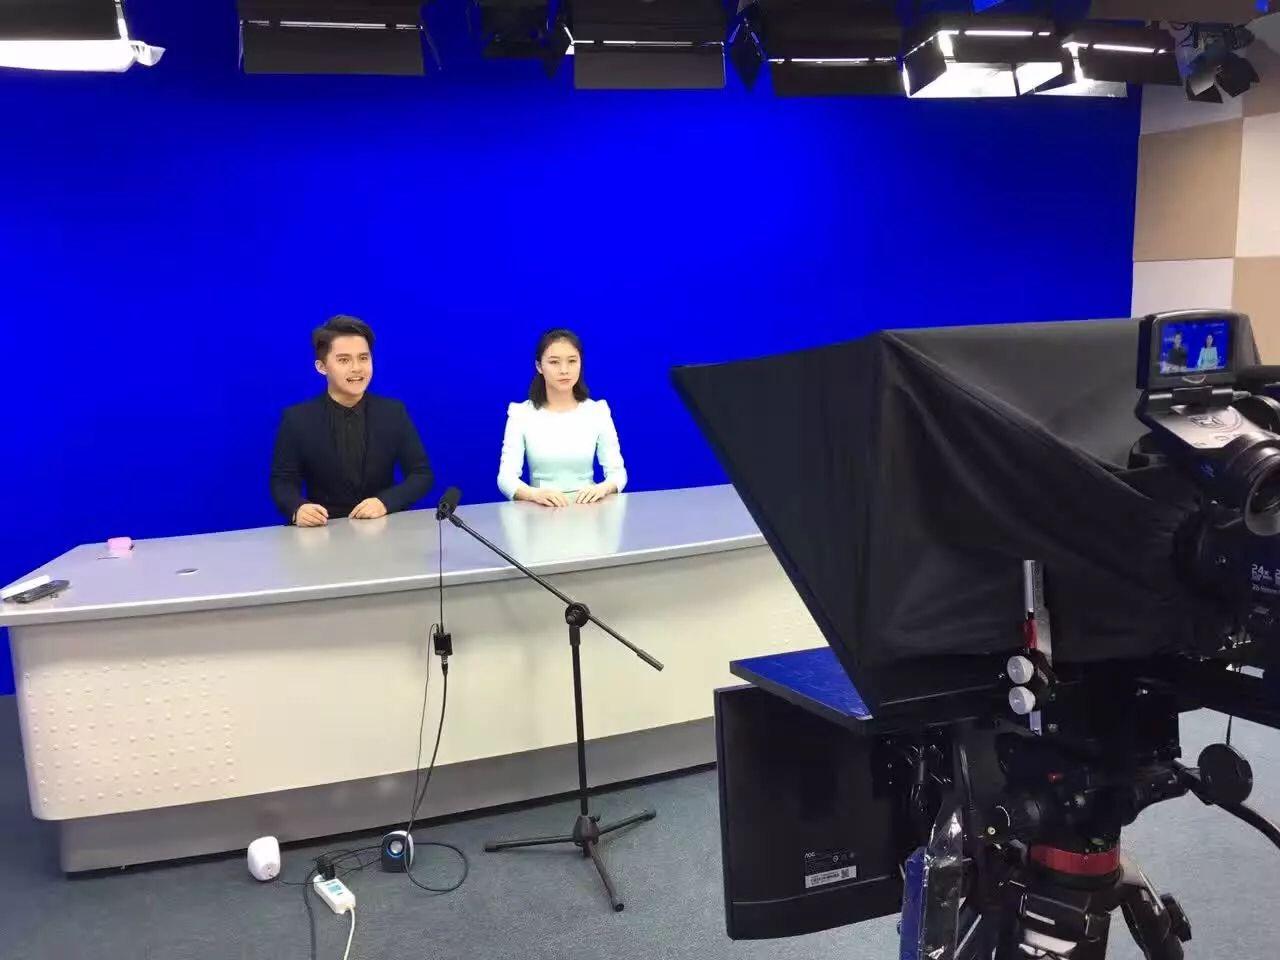 校园电视台搭建 单位虚拟演播室直播间建设方案